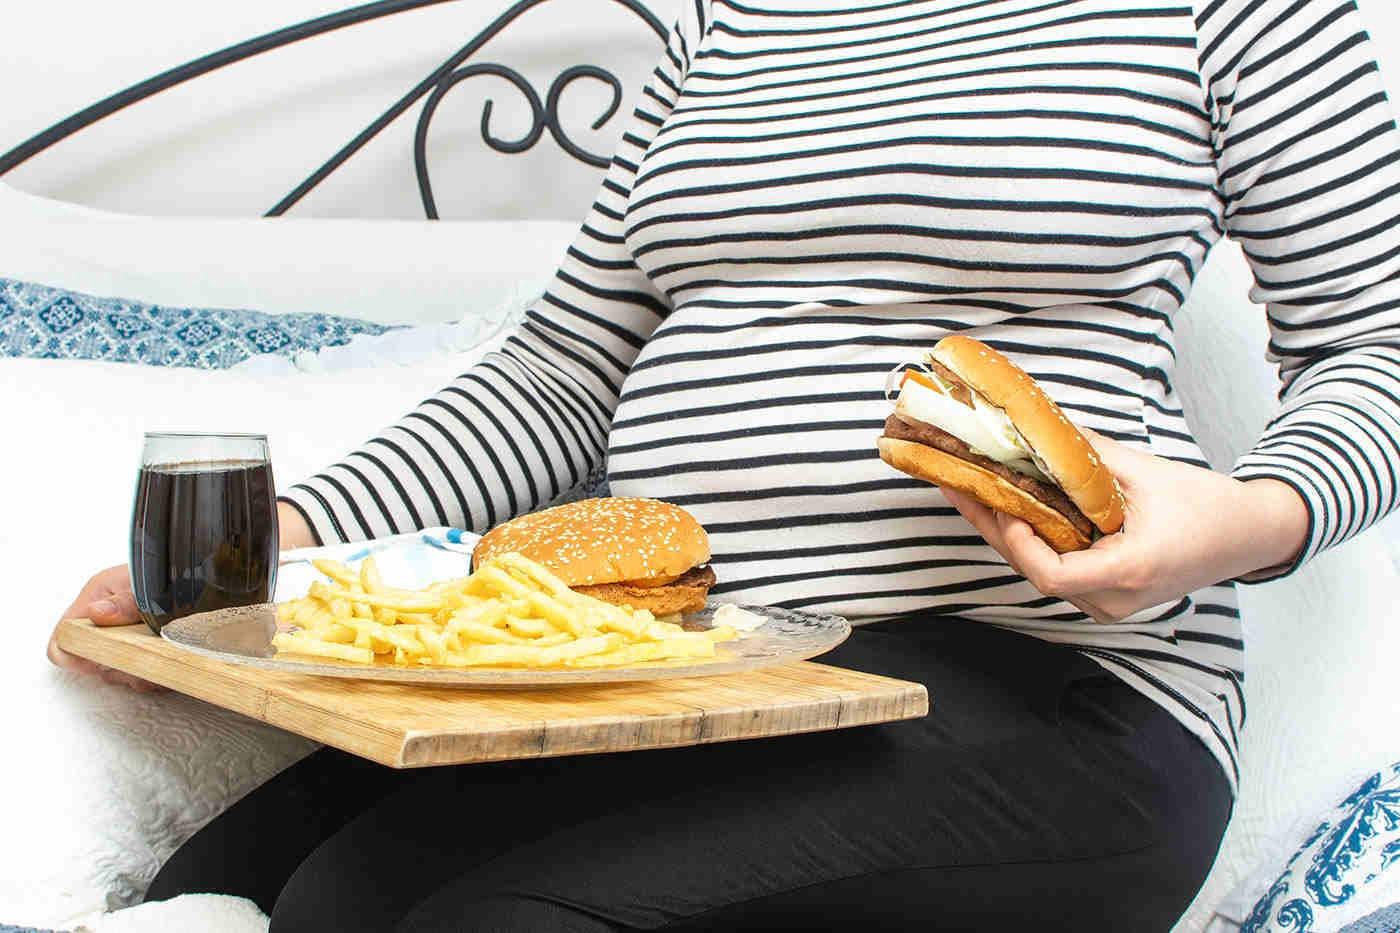 Obezitatea în sarcină favorizează întârzierea abilităților motorii ale copilului [studiu]